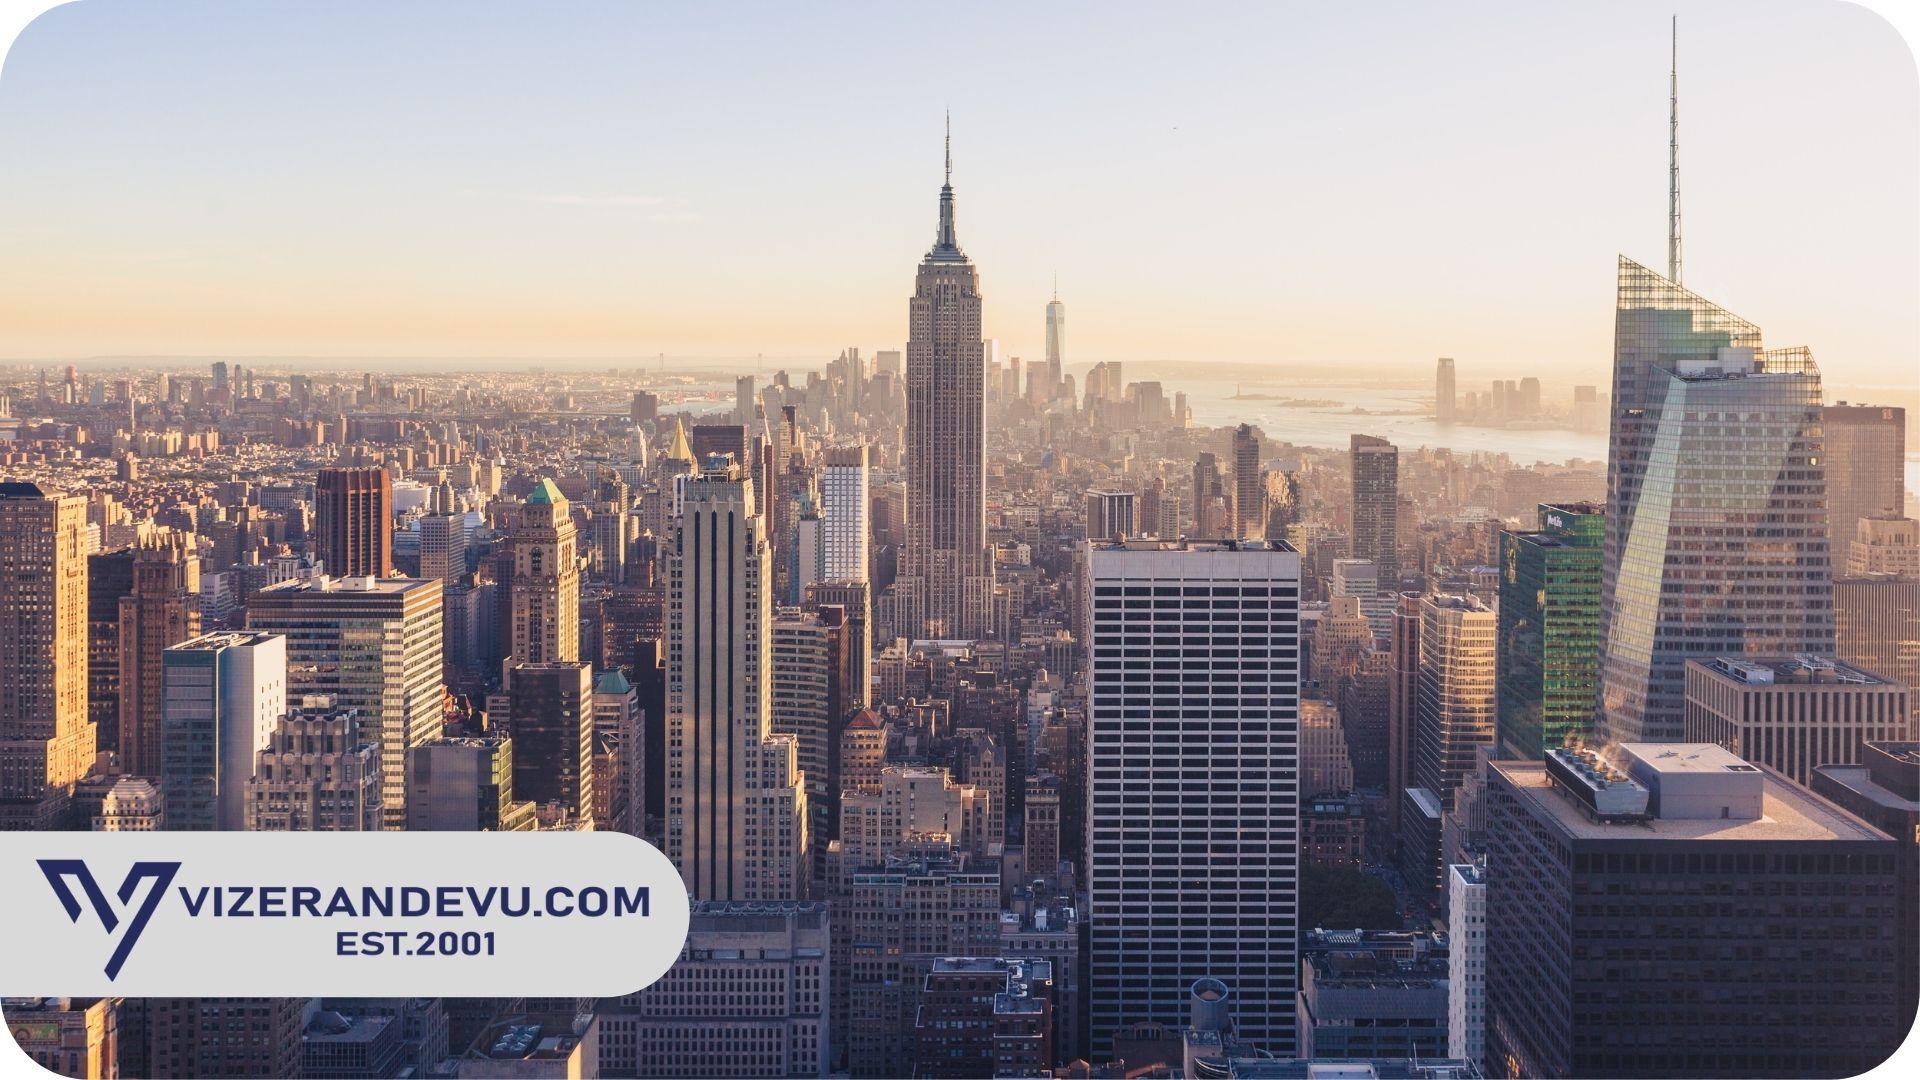 Amerika Turist Vizesi Nasıl Alınır?